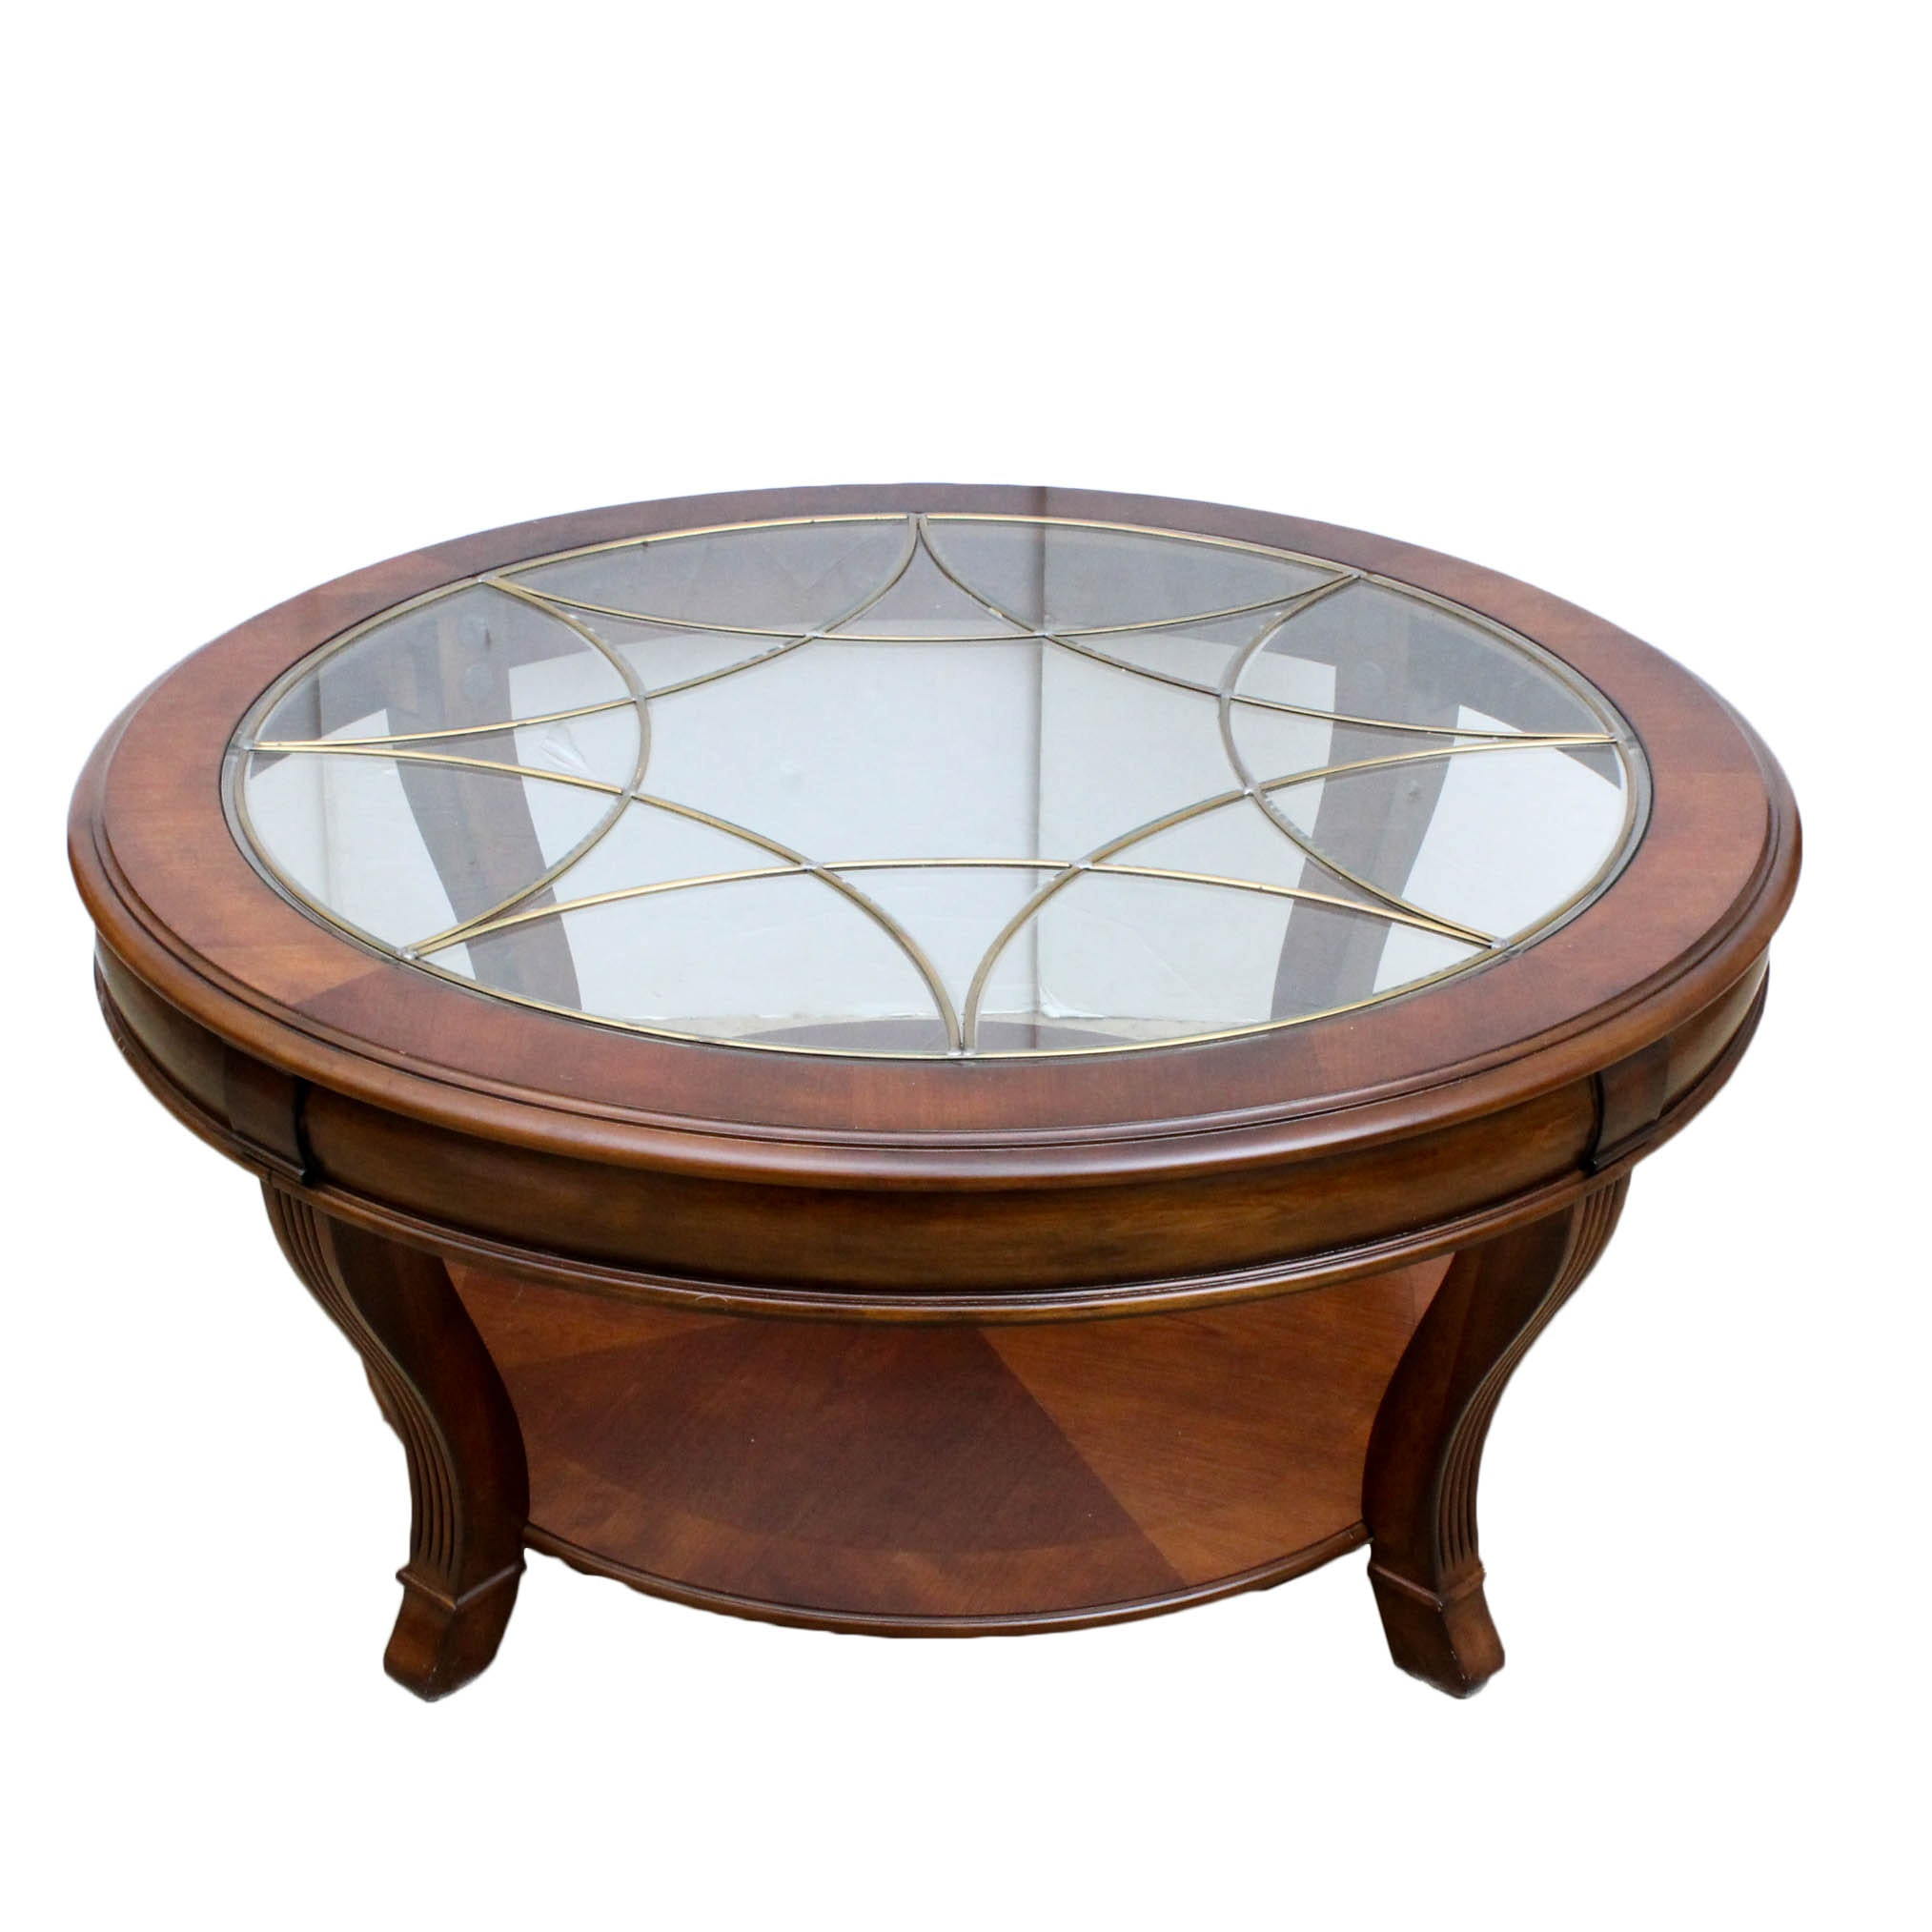 Hooker Furniture Glass Top Cherry Veneer Coffee Table